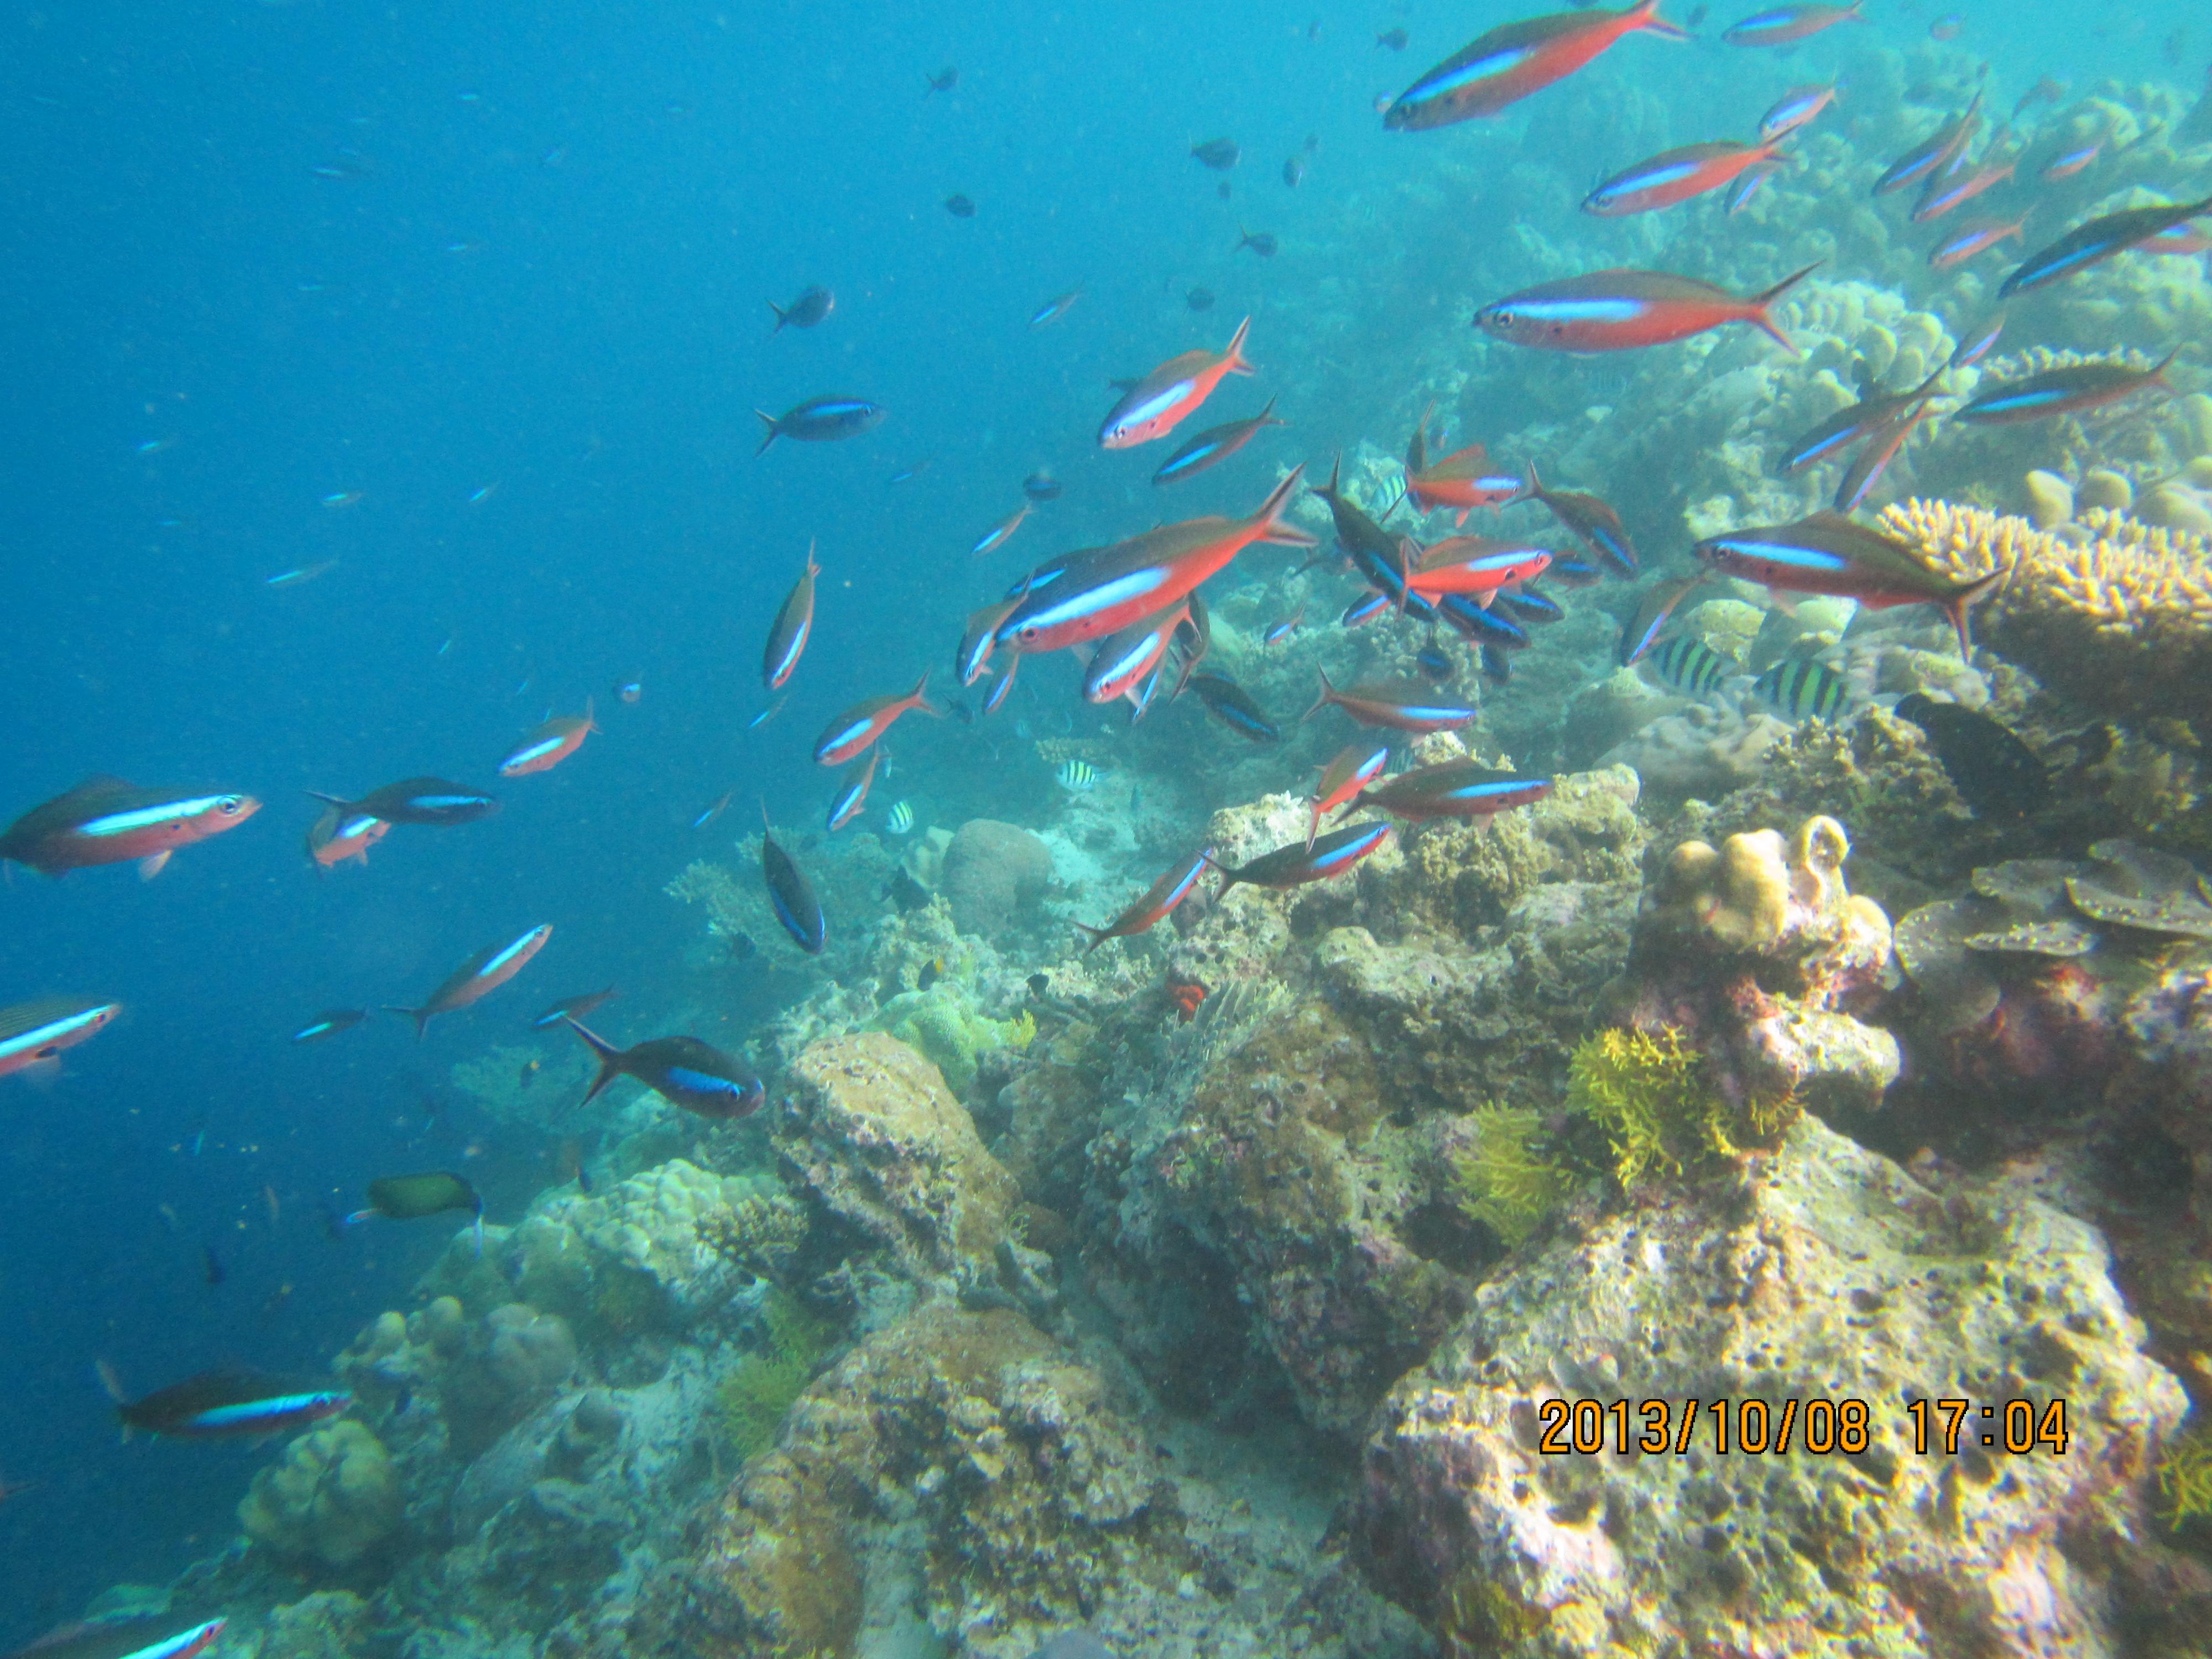 壁纸 海底 海底世界 海洋馆 水族馆 桌面 4000_3000图片